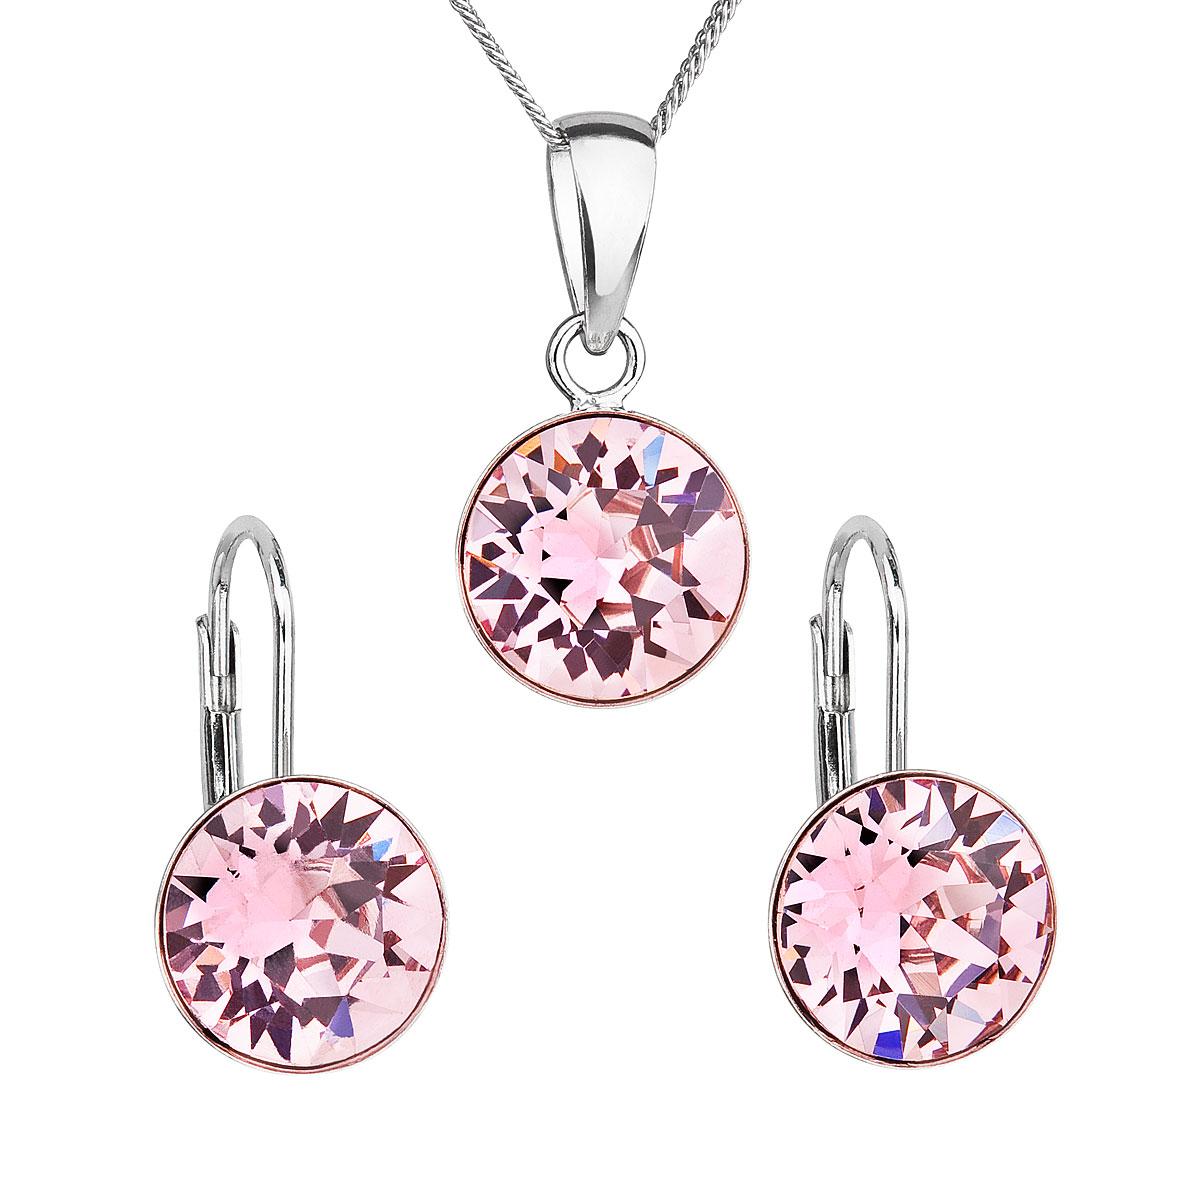 Sada šperkov s krištáľmi Swarovski náušnice, retiazka a prívesok ružové okrúhle 39140.3